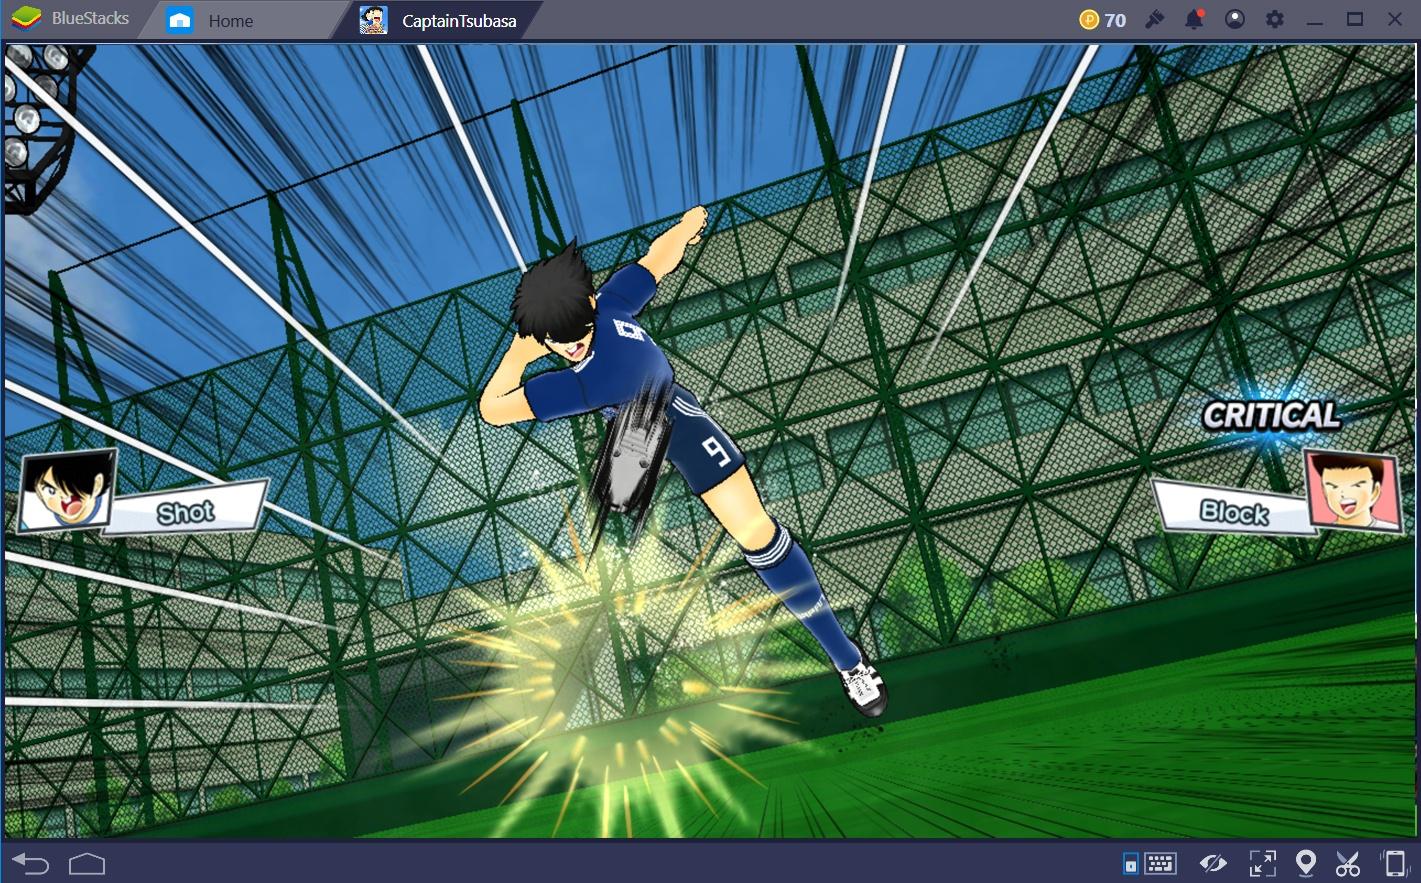 Captain Tsubasa: Dream Team จากการ์ตูนดังในอดีตสู่เกมกีฬาฟุตบอลที่ทุกคนต้องจดจำ